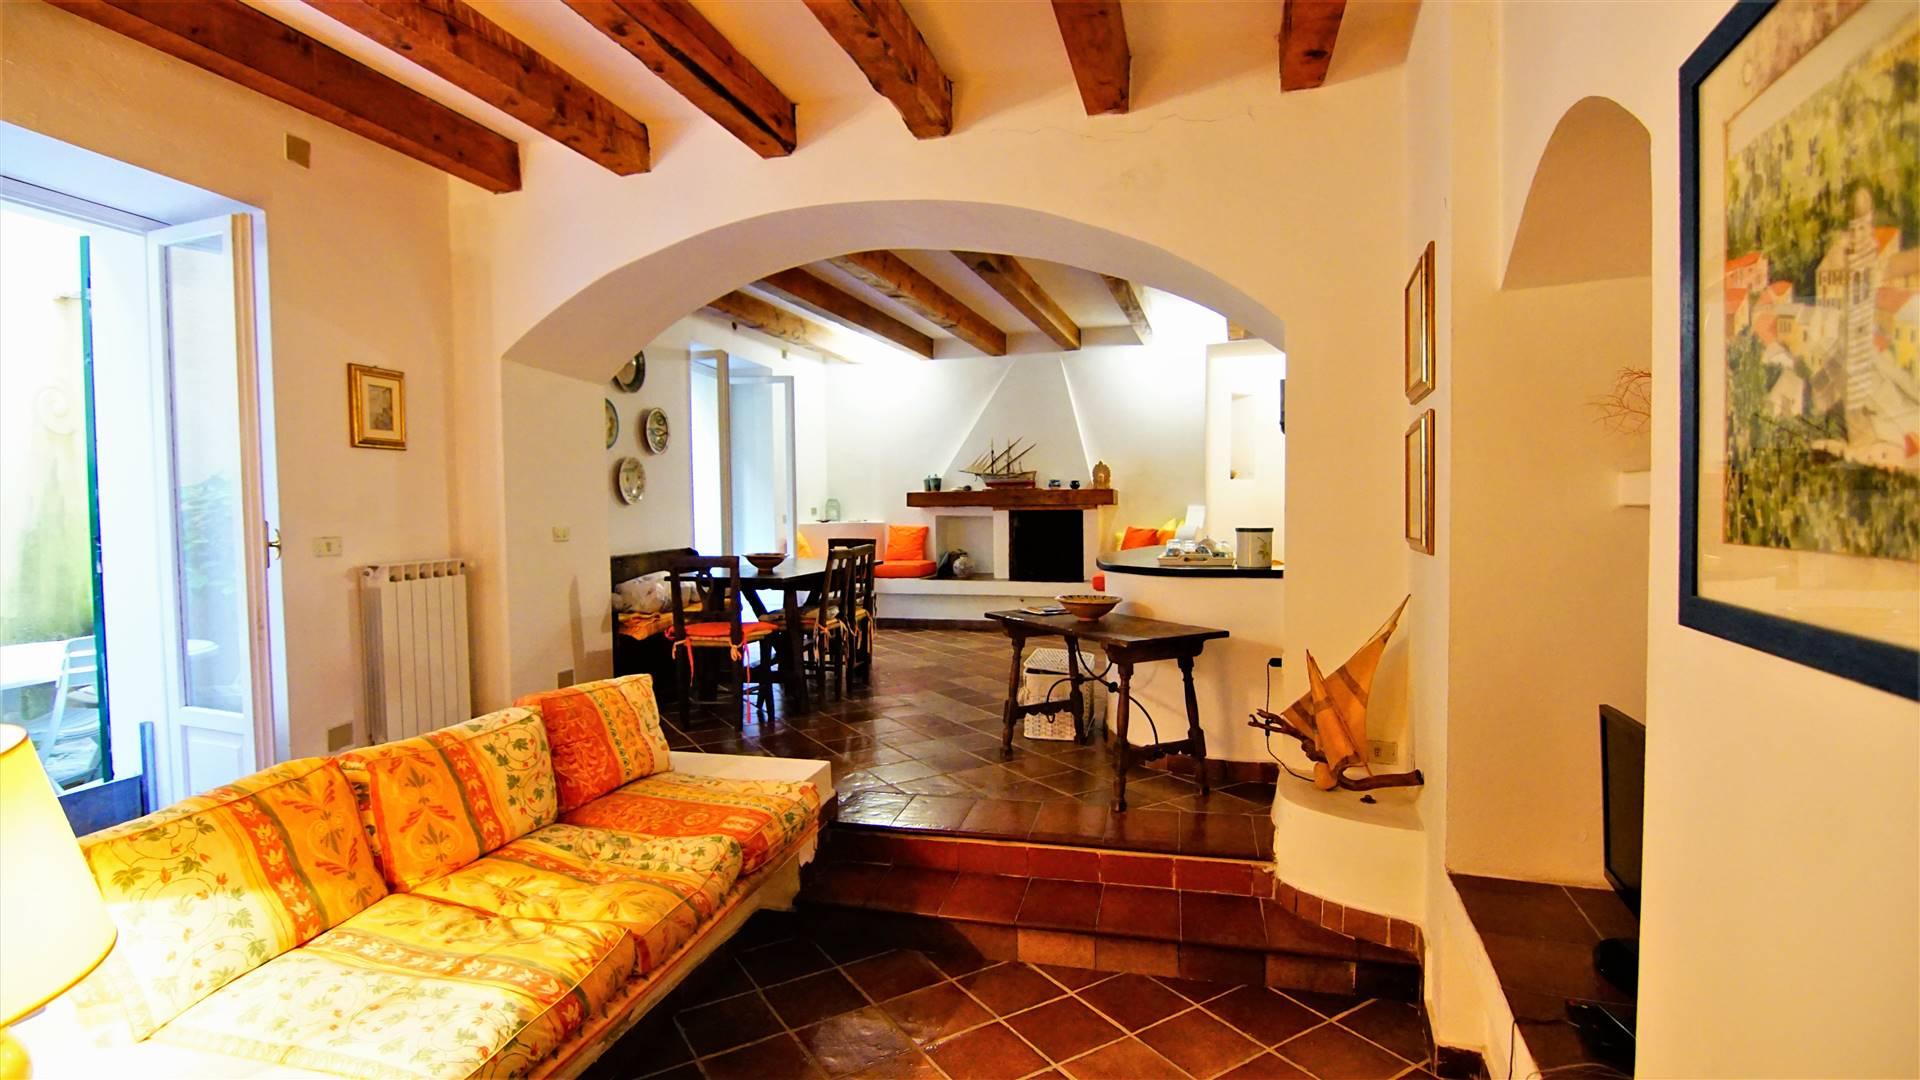 Appartamento in vendita a Levanto, 6 locali, prezzo € 415.000 | CambioCasa.it